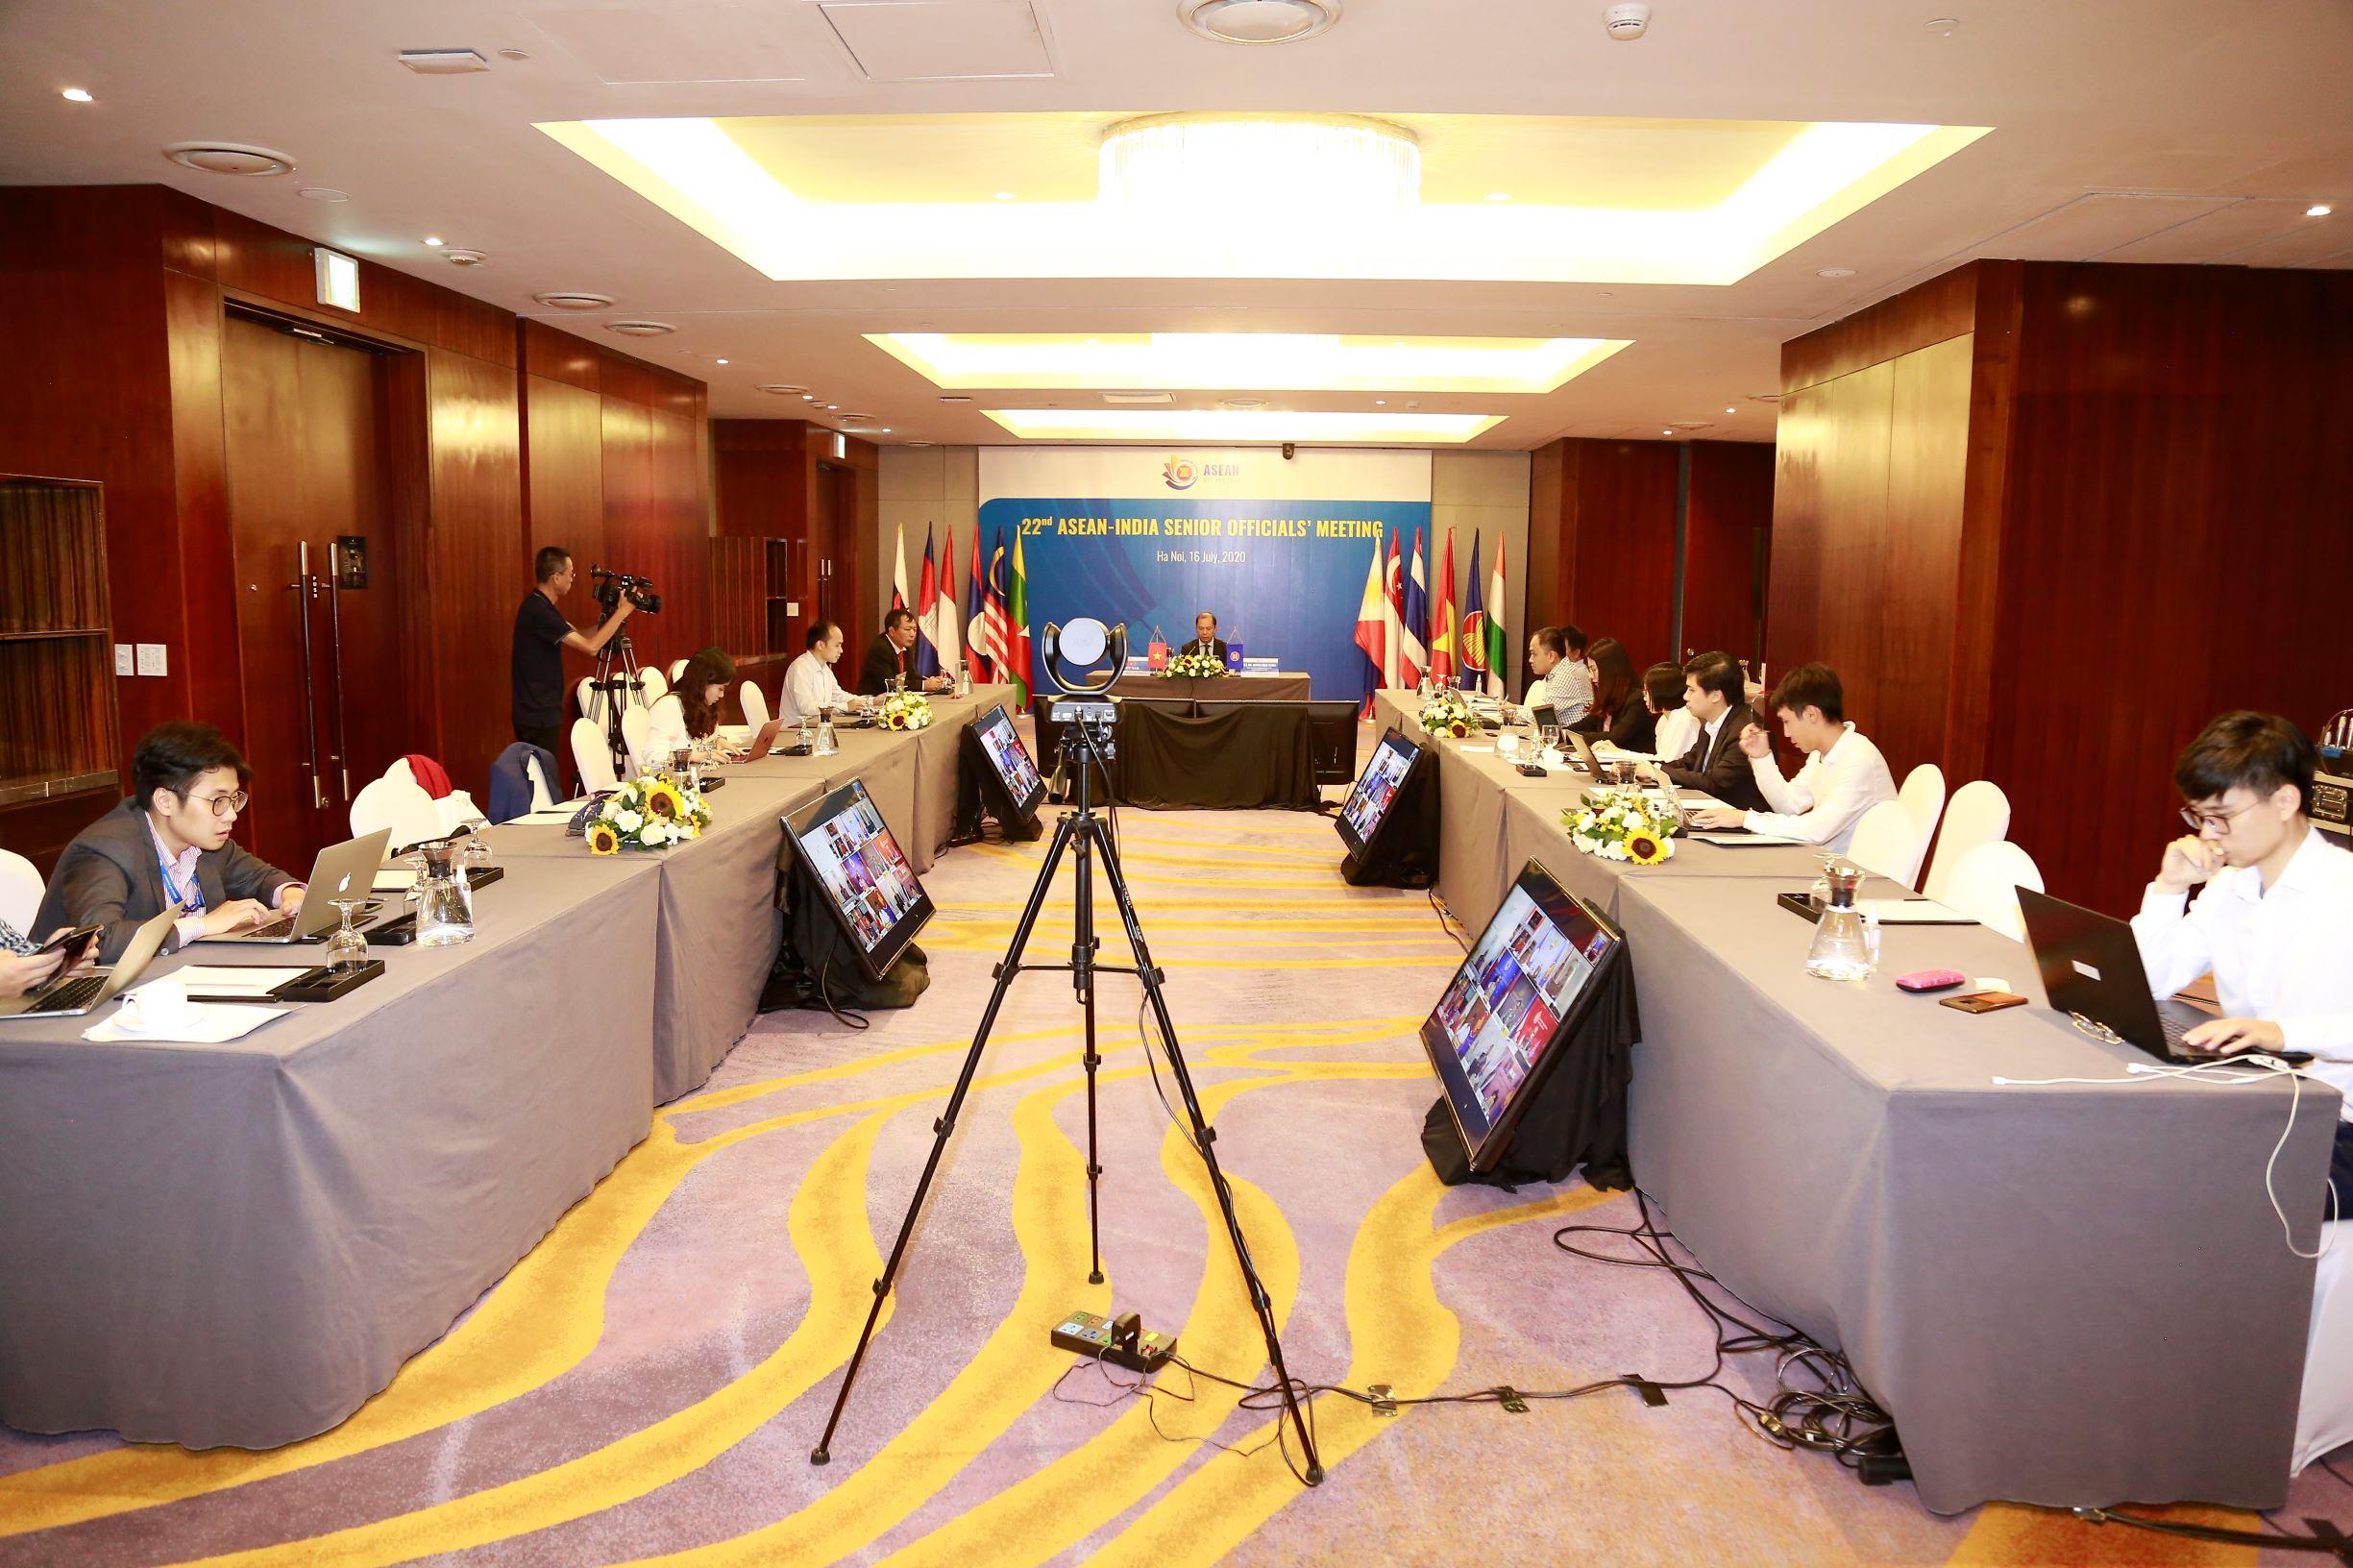 Ấn Độ luôn coi trọng ASEAN, ủng hộ vai trò trung tâm của ASEAN trong cấu trúc khu vực